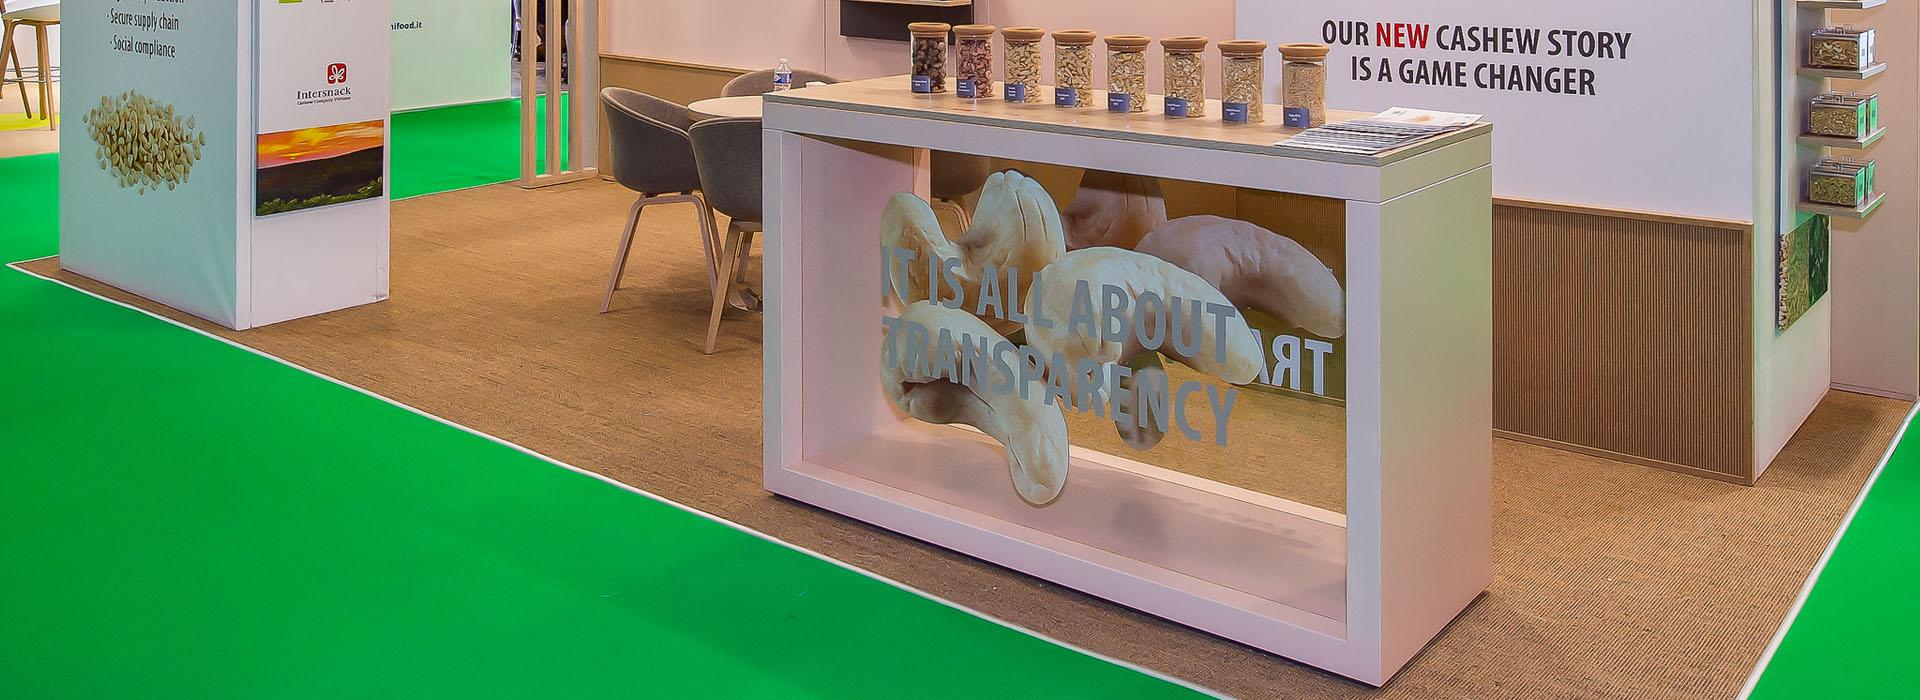 Productpresentaties - Merkpresentaties - Foodlink | Wijbenga Productpresentaties